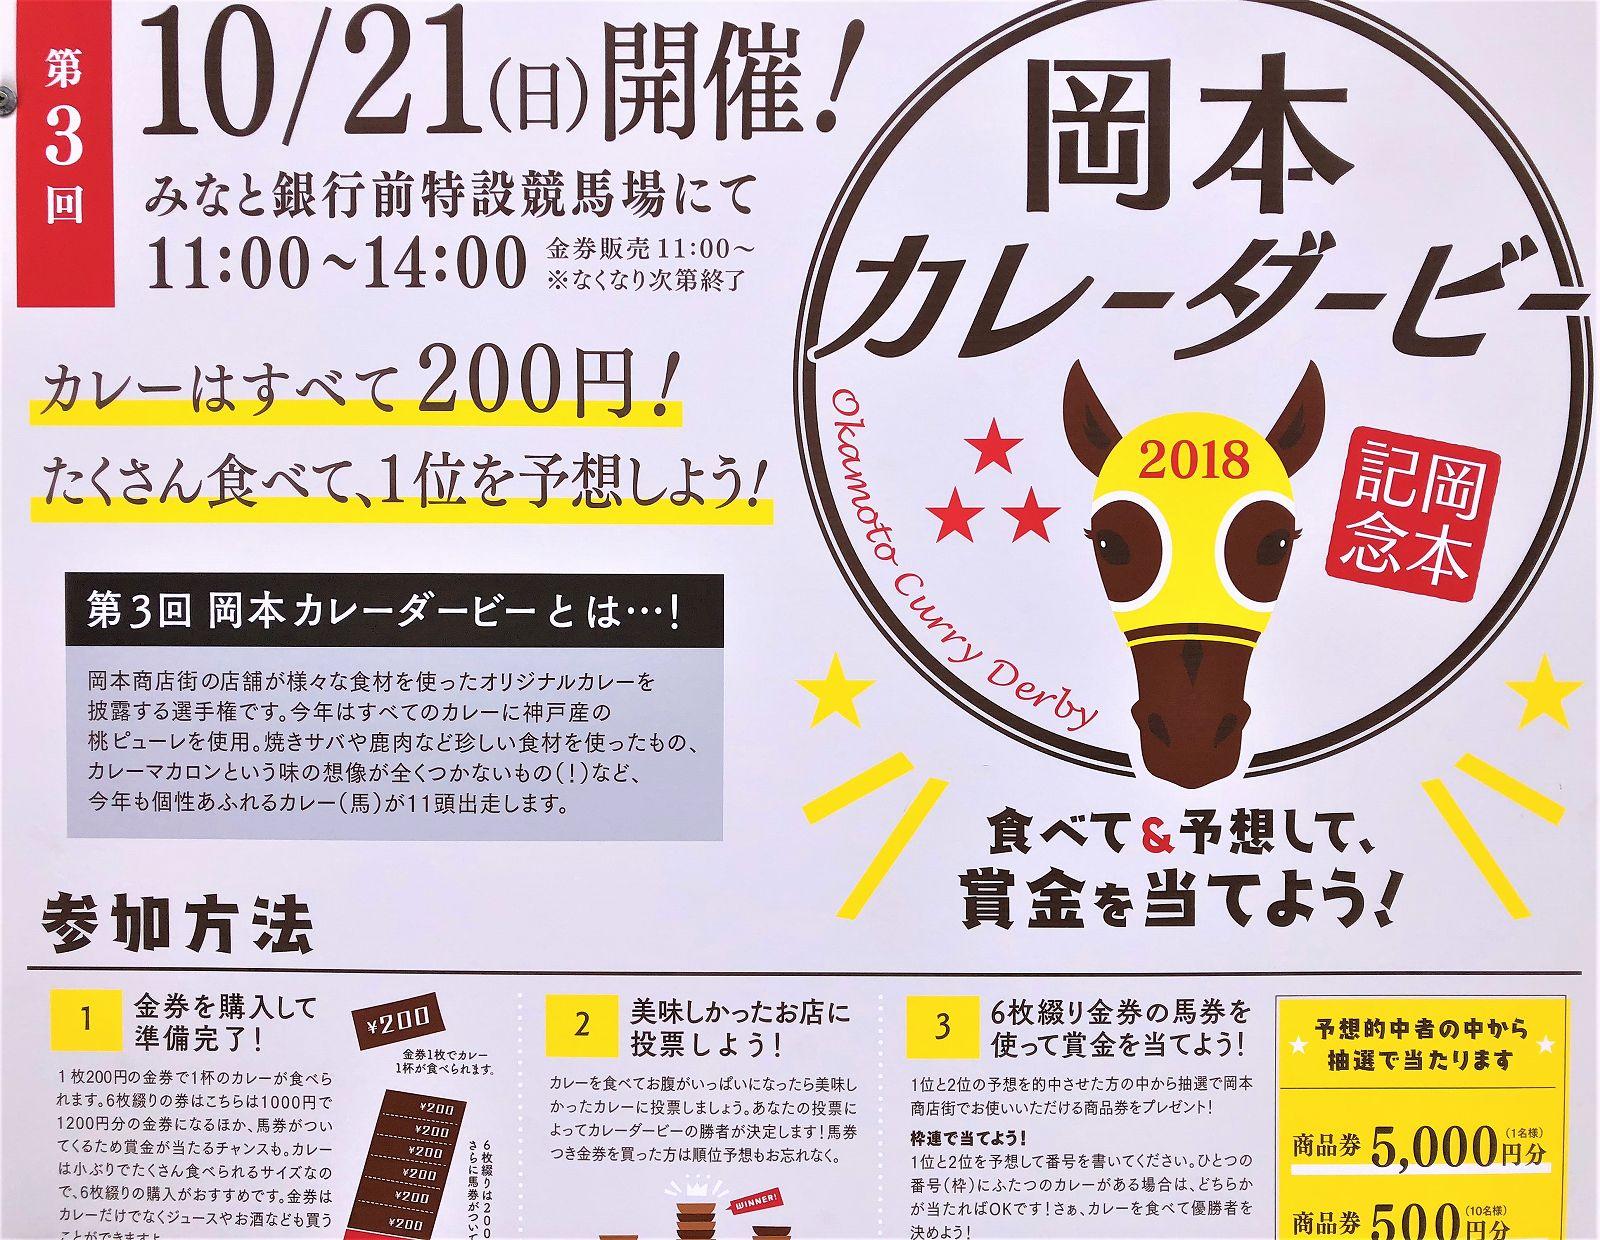 神戸の岡本商店街で10/21(日)「第3回 岡本カレーダービー2018」が開催されるよ! #カレーダービー #阪急岡本 #岡本商店街 #カレー好き